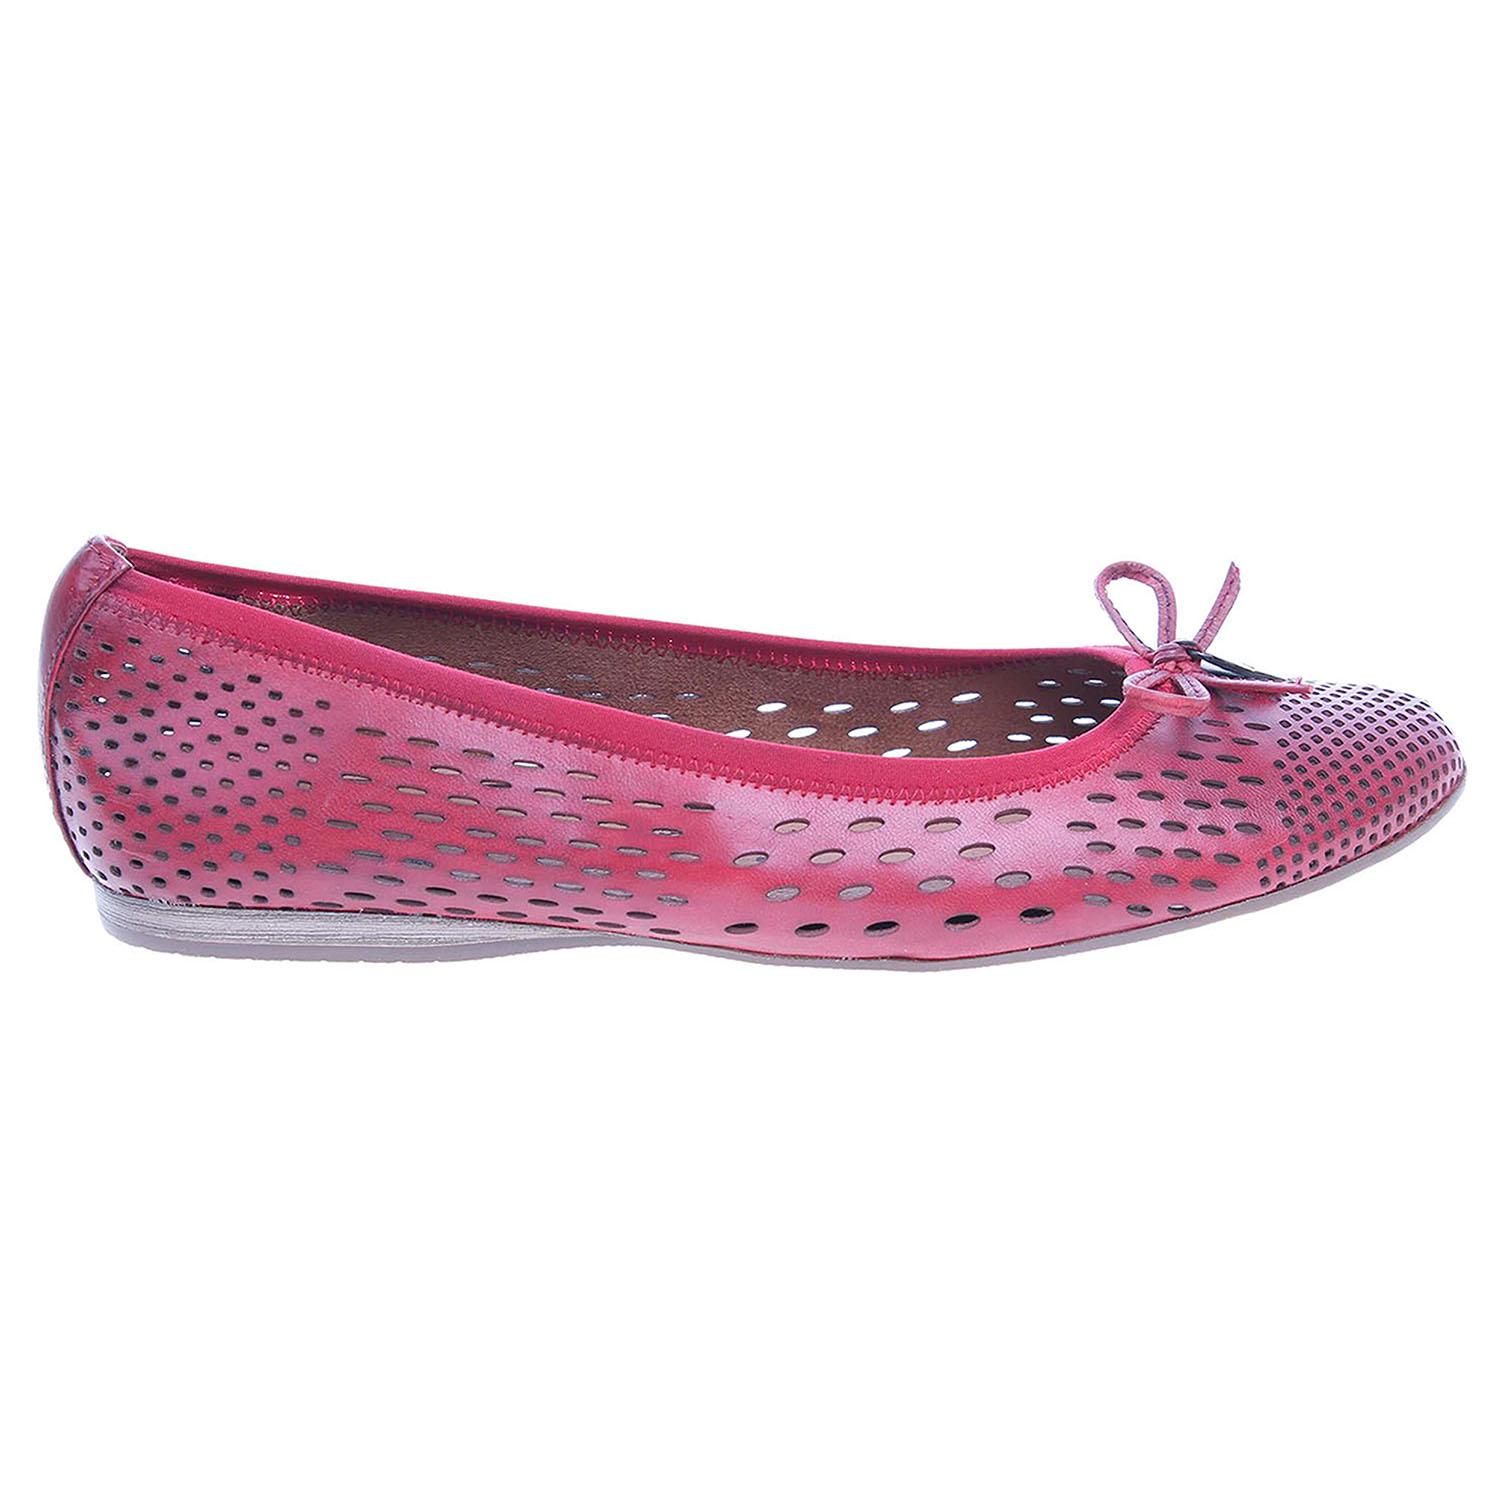 Ecco Tamaris dámské baleriny 1-22107-28 červené 23300868